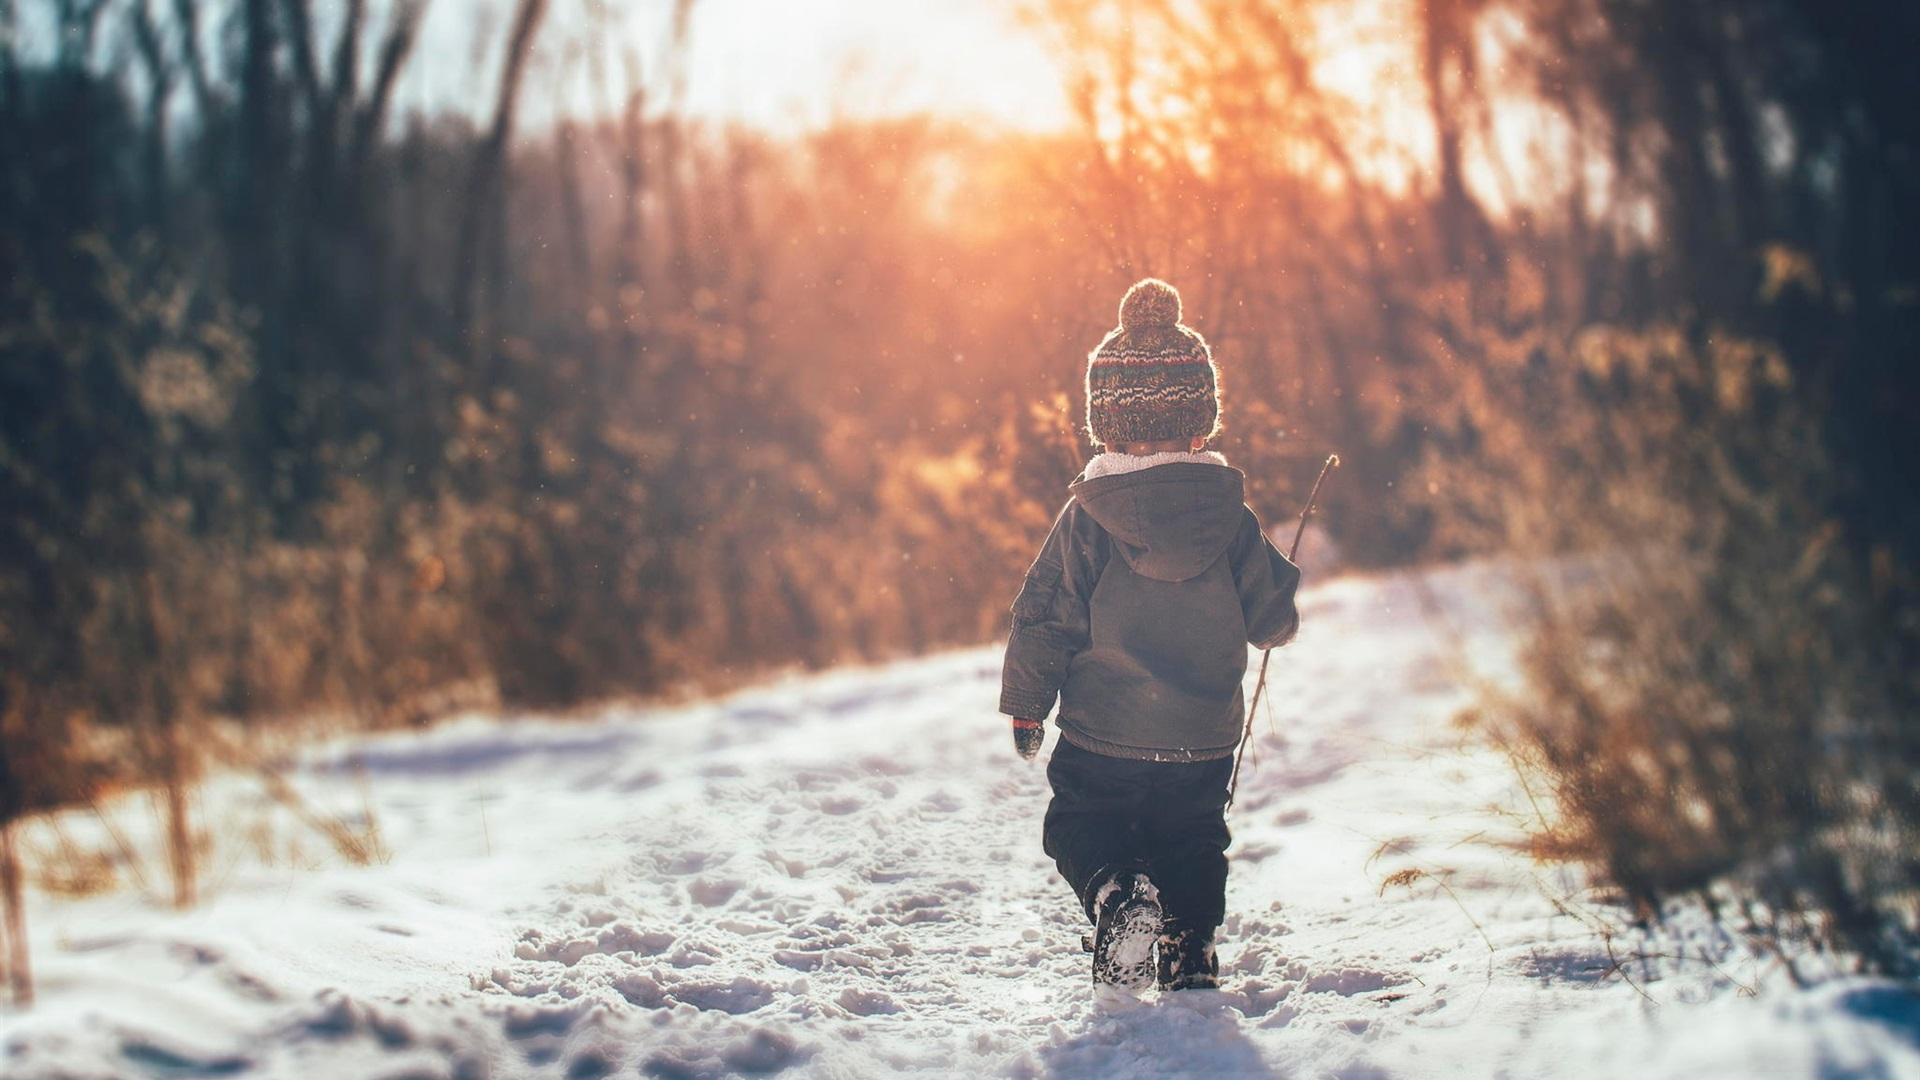 человек идущий по снегу картинки один